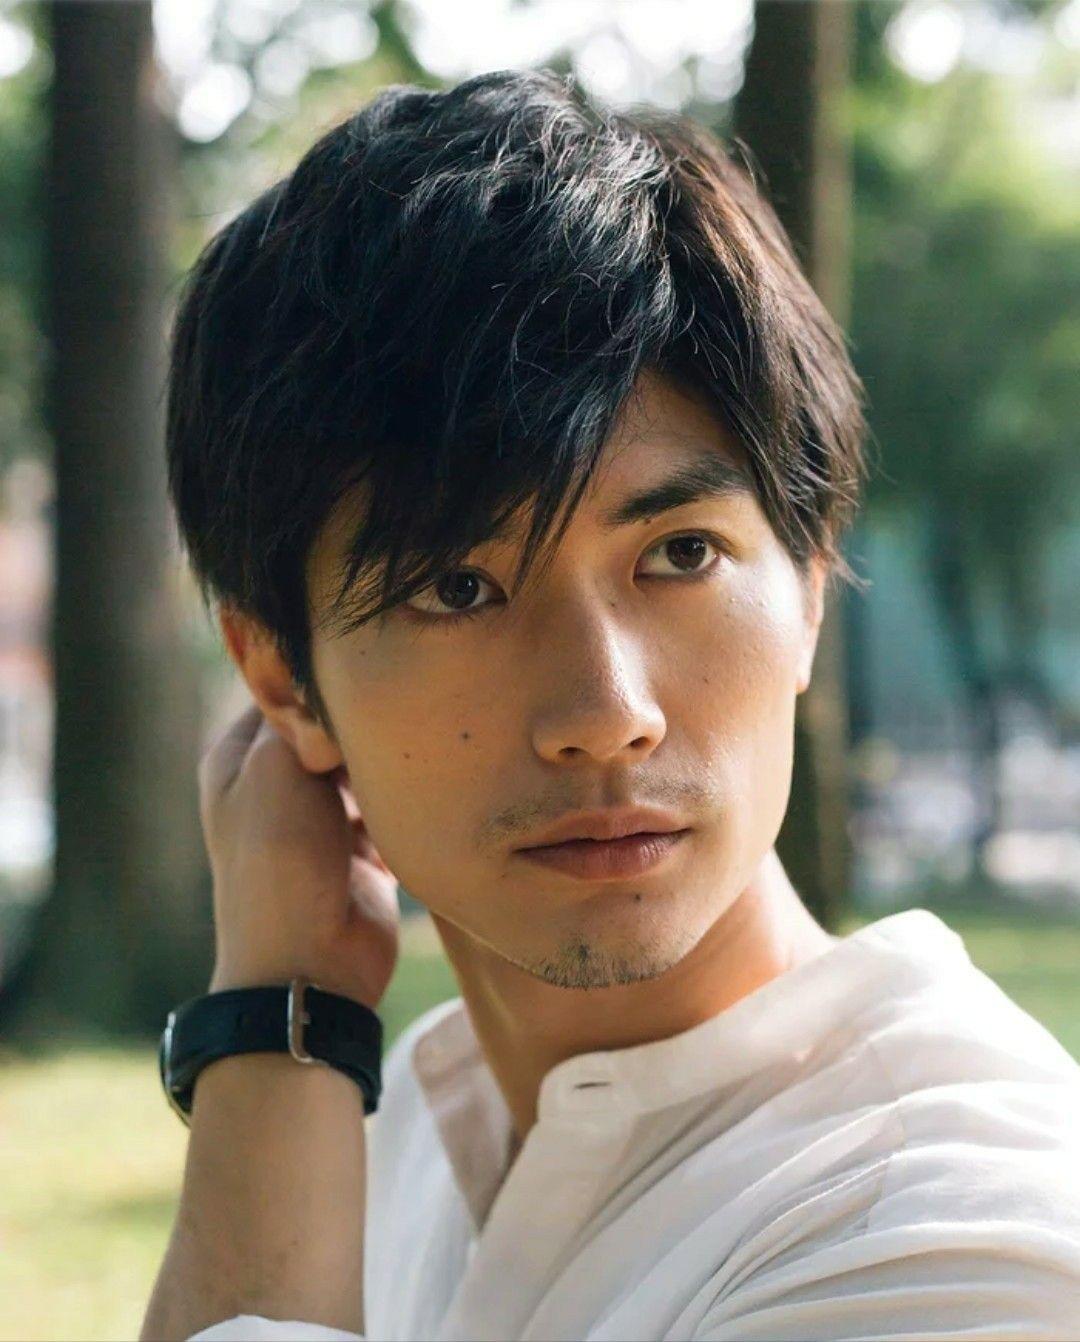 三浦春馬「tourist」 | 日本人の男性、三浦春馬、イケメン俳優